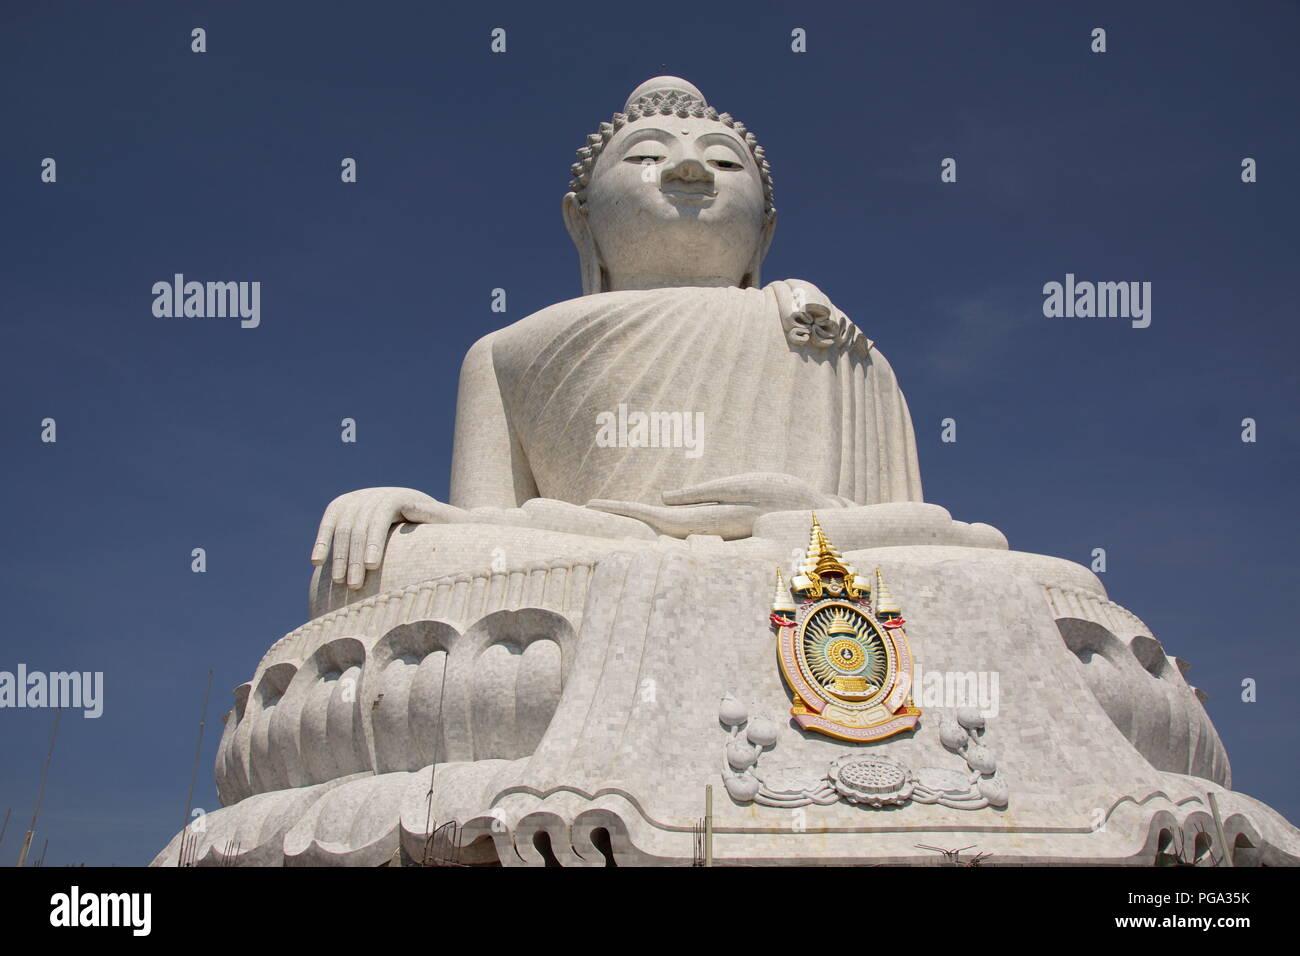 Le Grand Bouddha sur Phuket, Thaïlande Banque D'Images